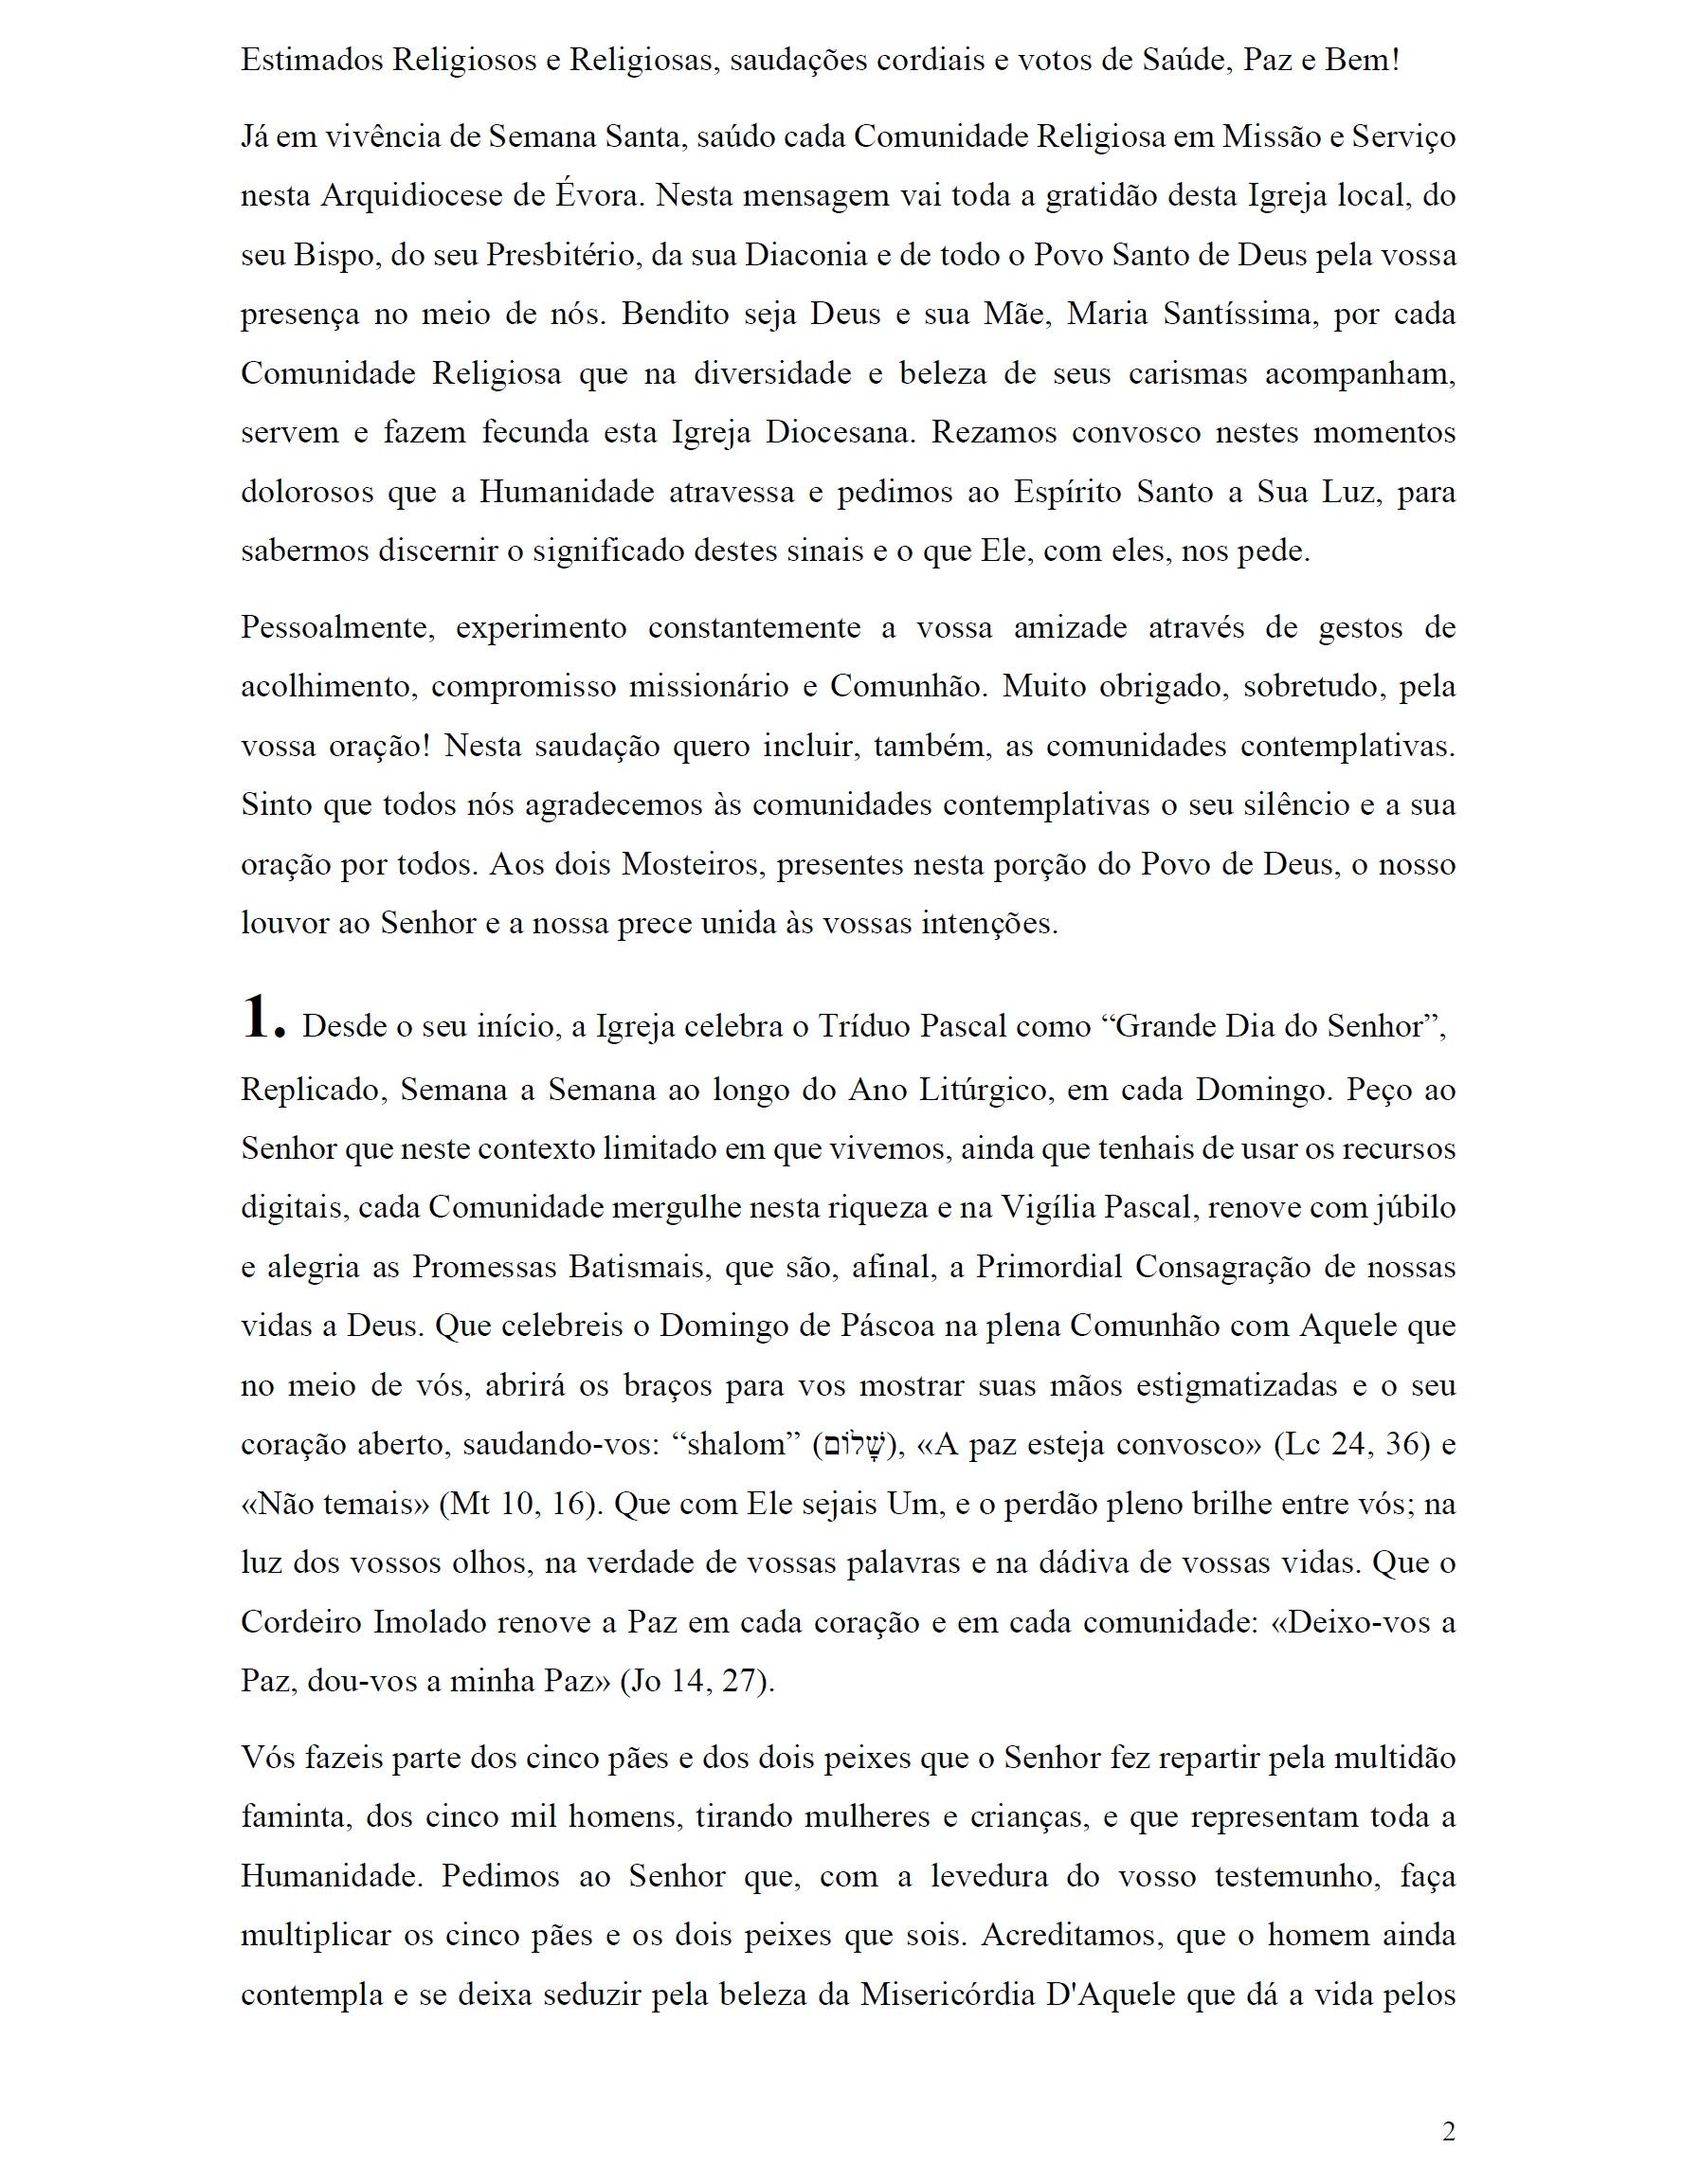 4 - Carta às comunidades religiosas 03_04_2020_2